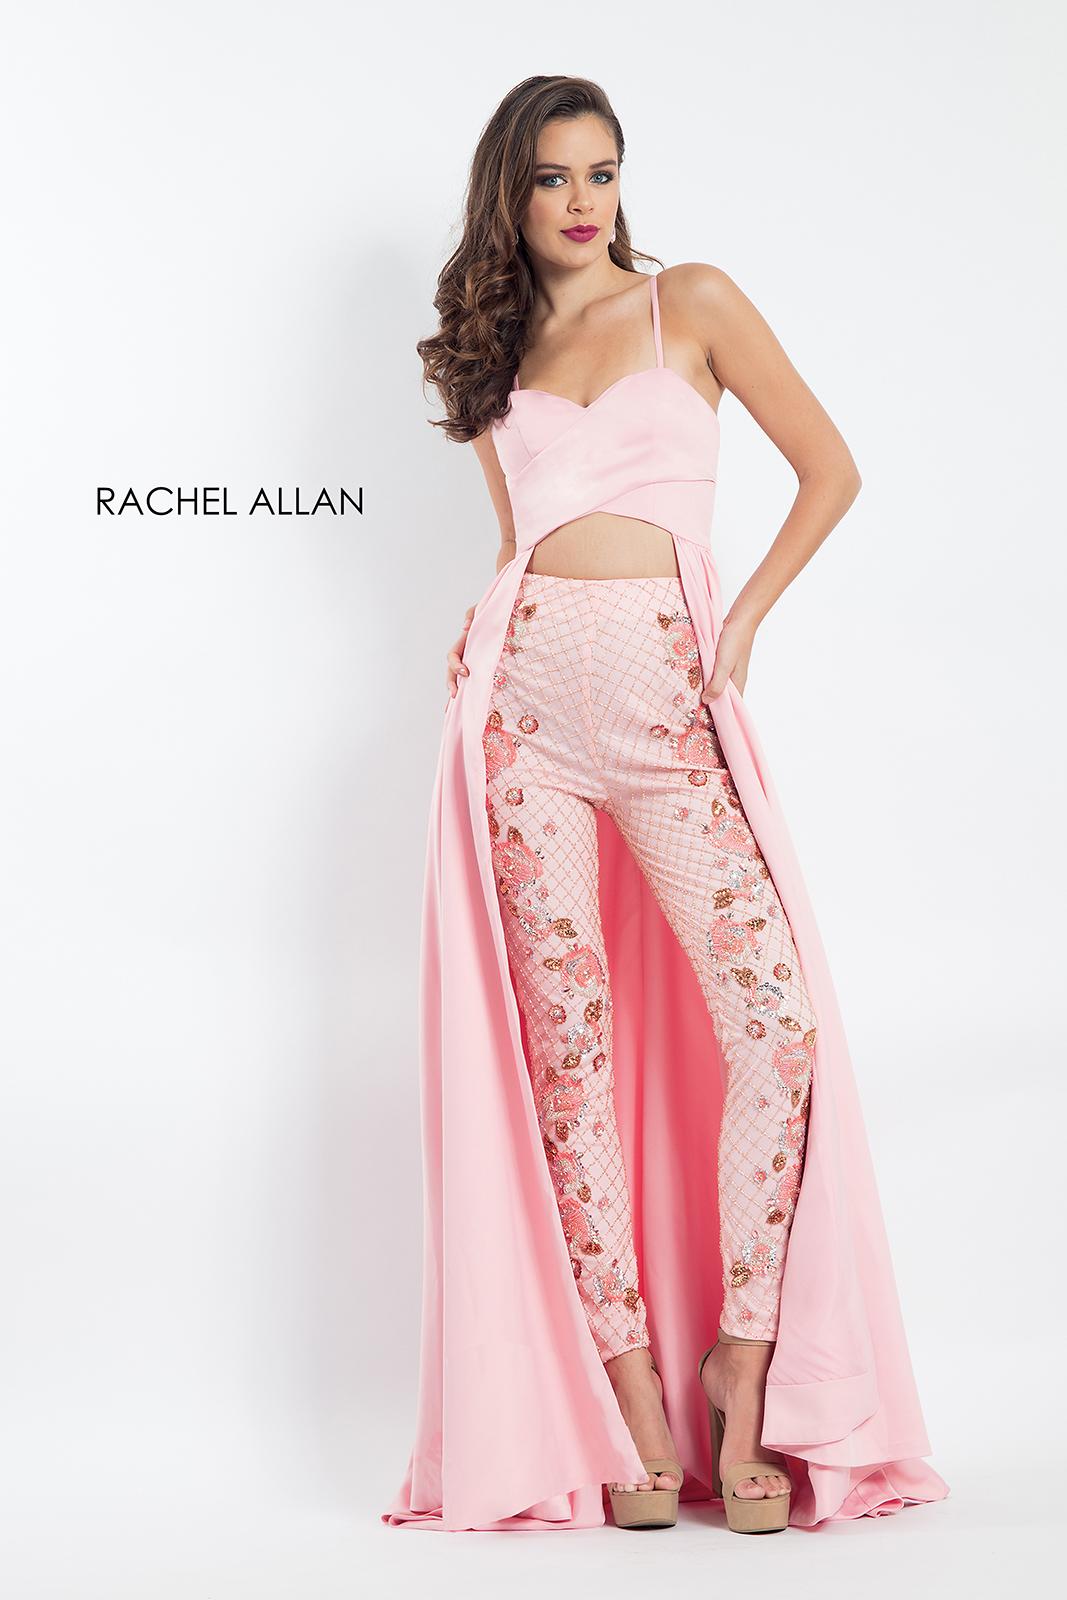 Asombroso Vestidos De Novia Tallahassee Fl Imágenes - Colección de ...